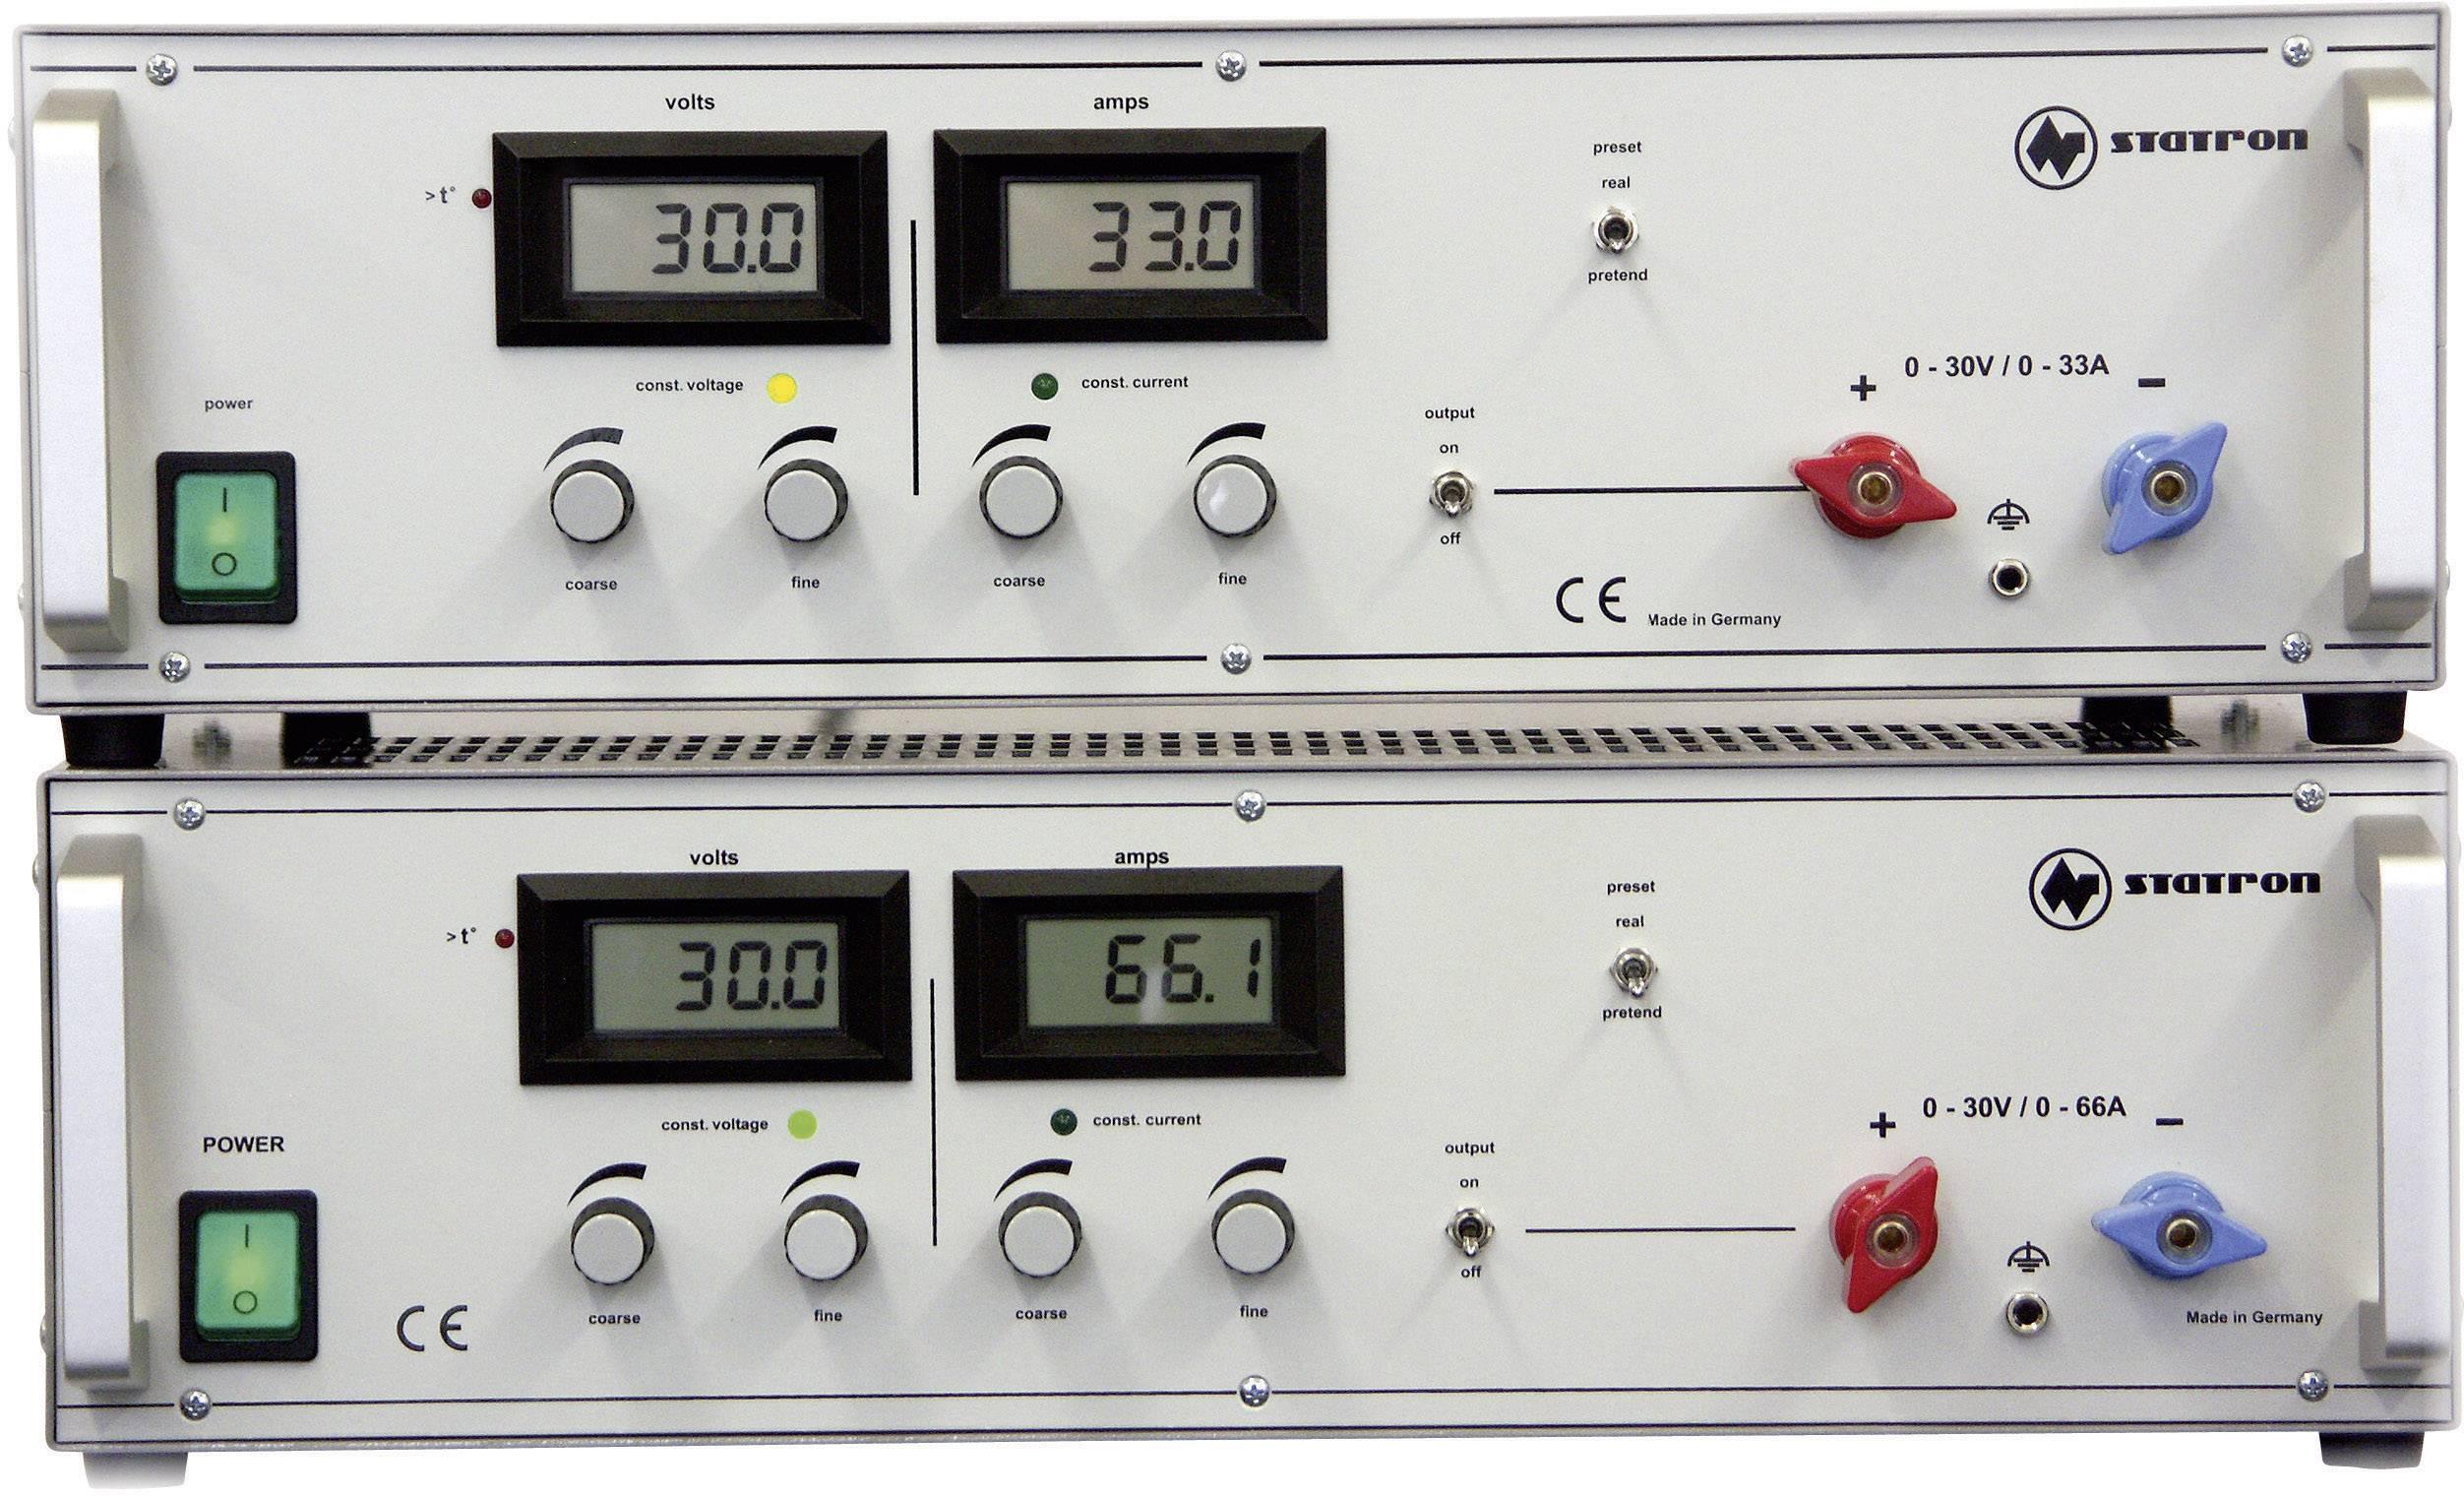 Programovateľný laboratórny sieťový zdroj Statron 3654.1, 0 - 30 V / DC, 0 - 33 A, 990 W